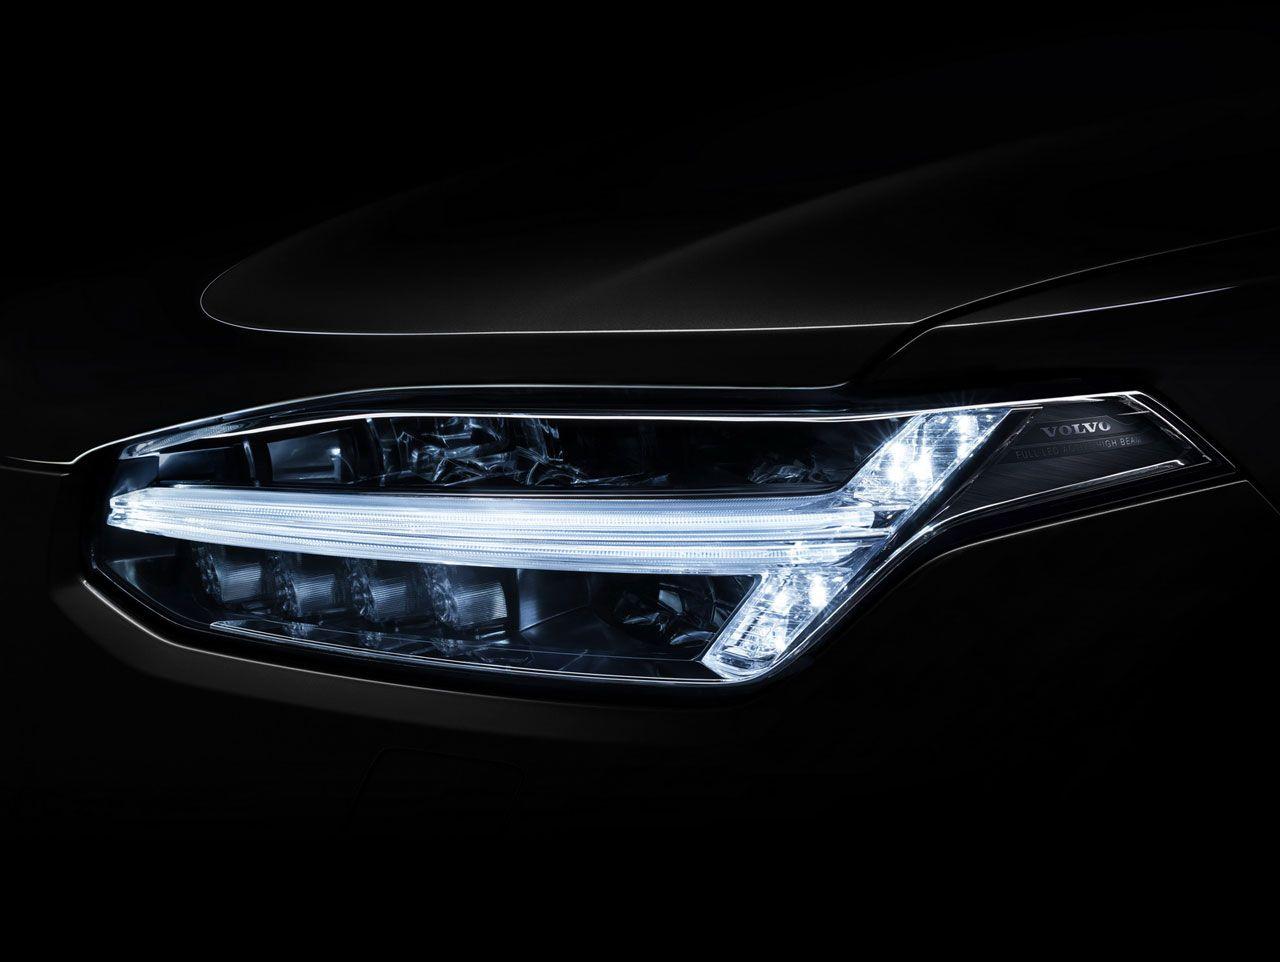 Breaking The New Volvo Xc90 Car Body Design Volvo Xc90 Volvo Volvo Cars